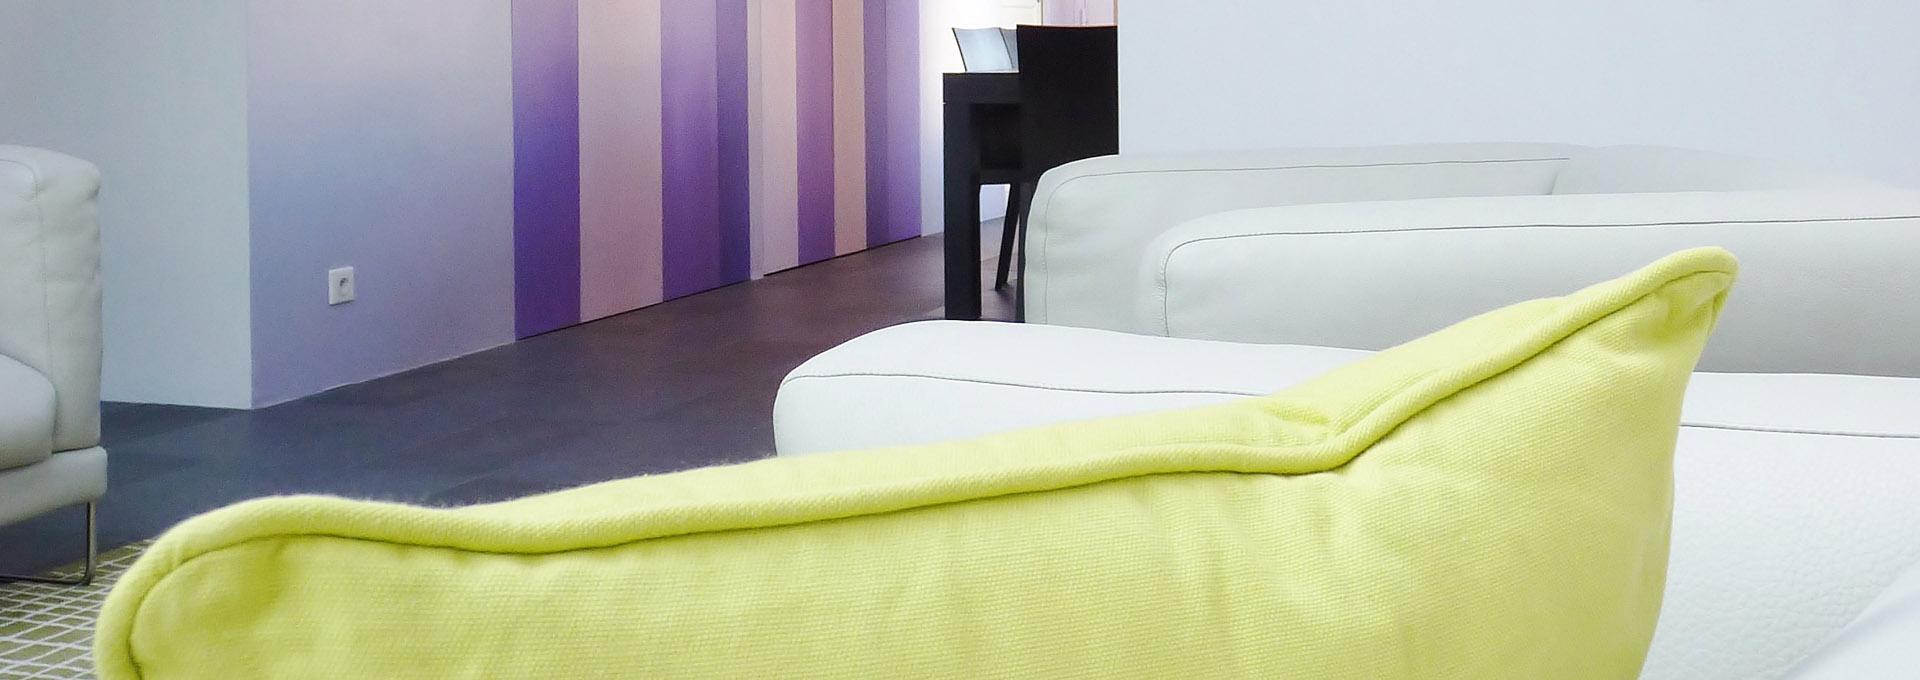 amenagement appartement luxe ouverture comble agence avous